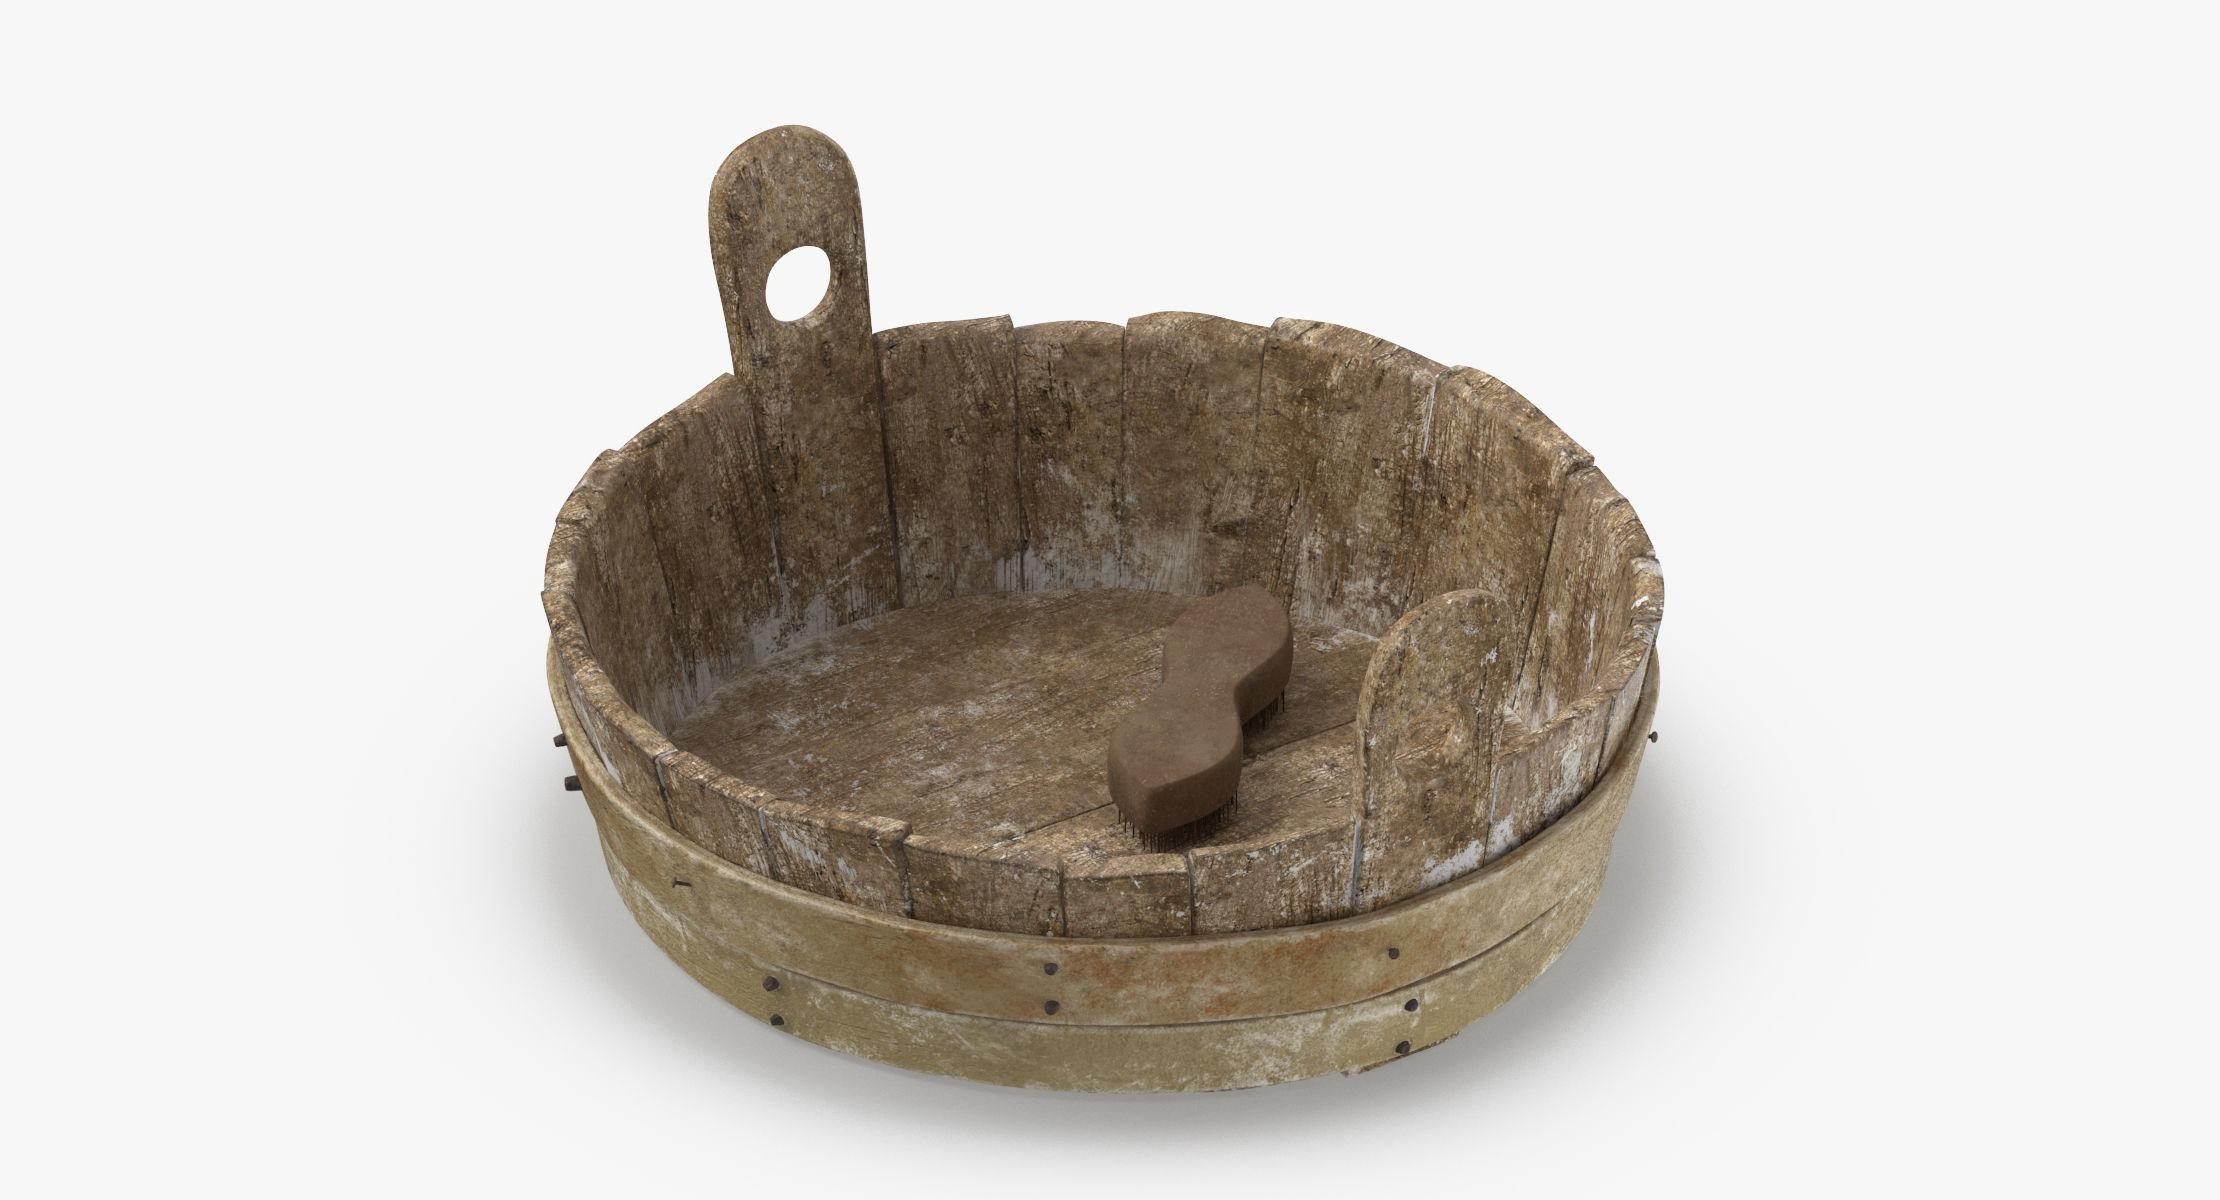 Medieval Wash Tub 01 - reel 1